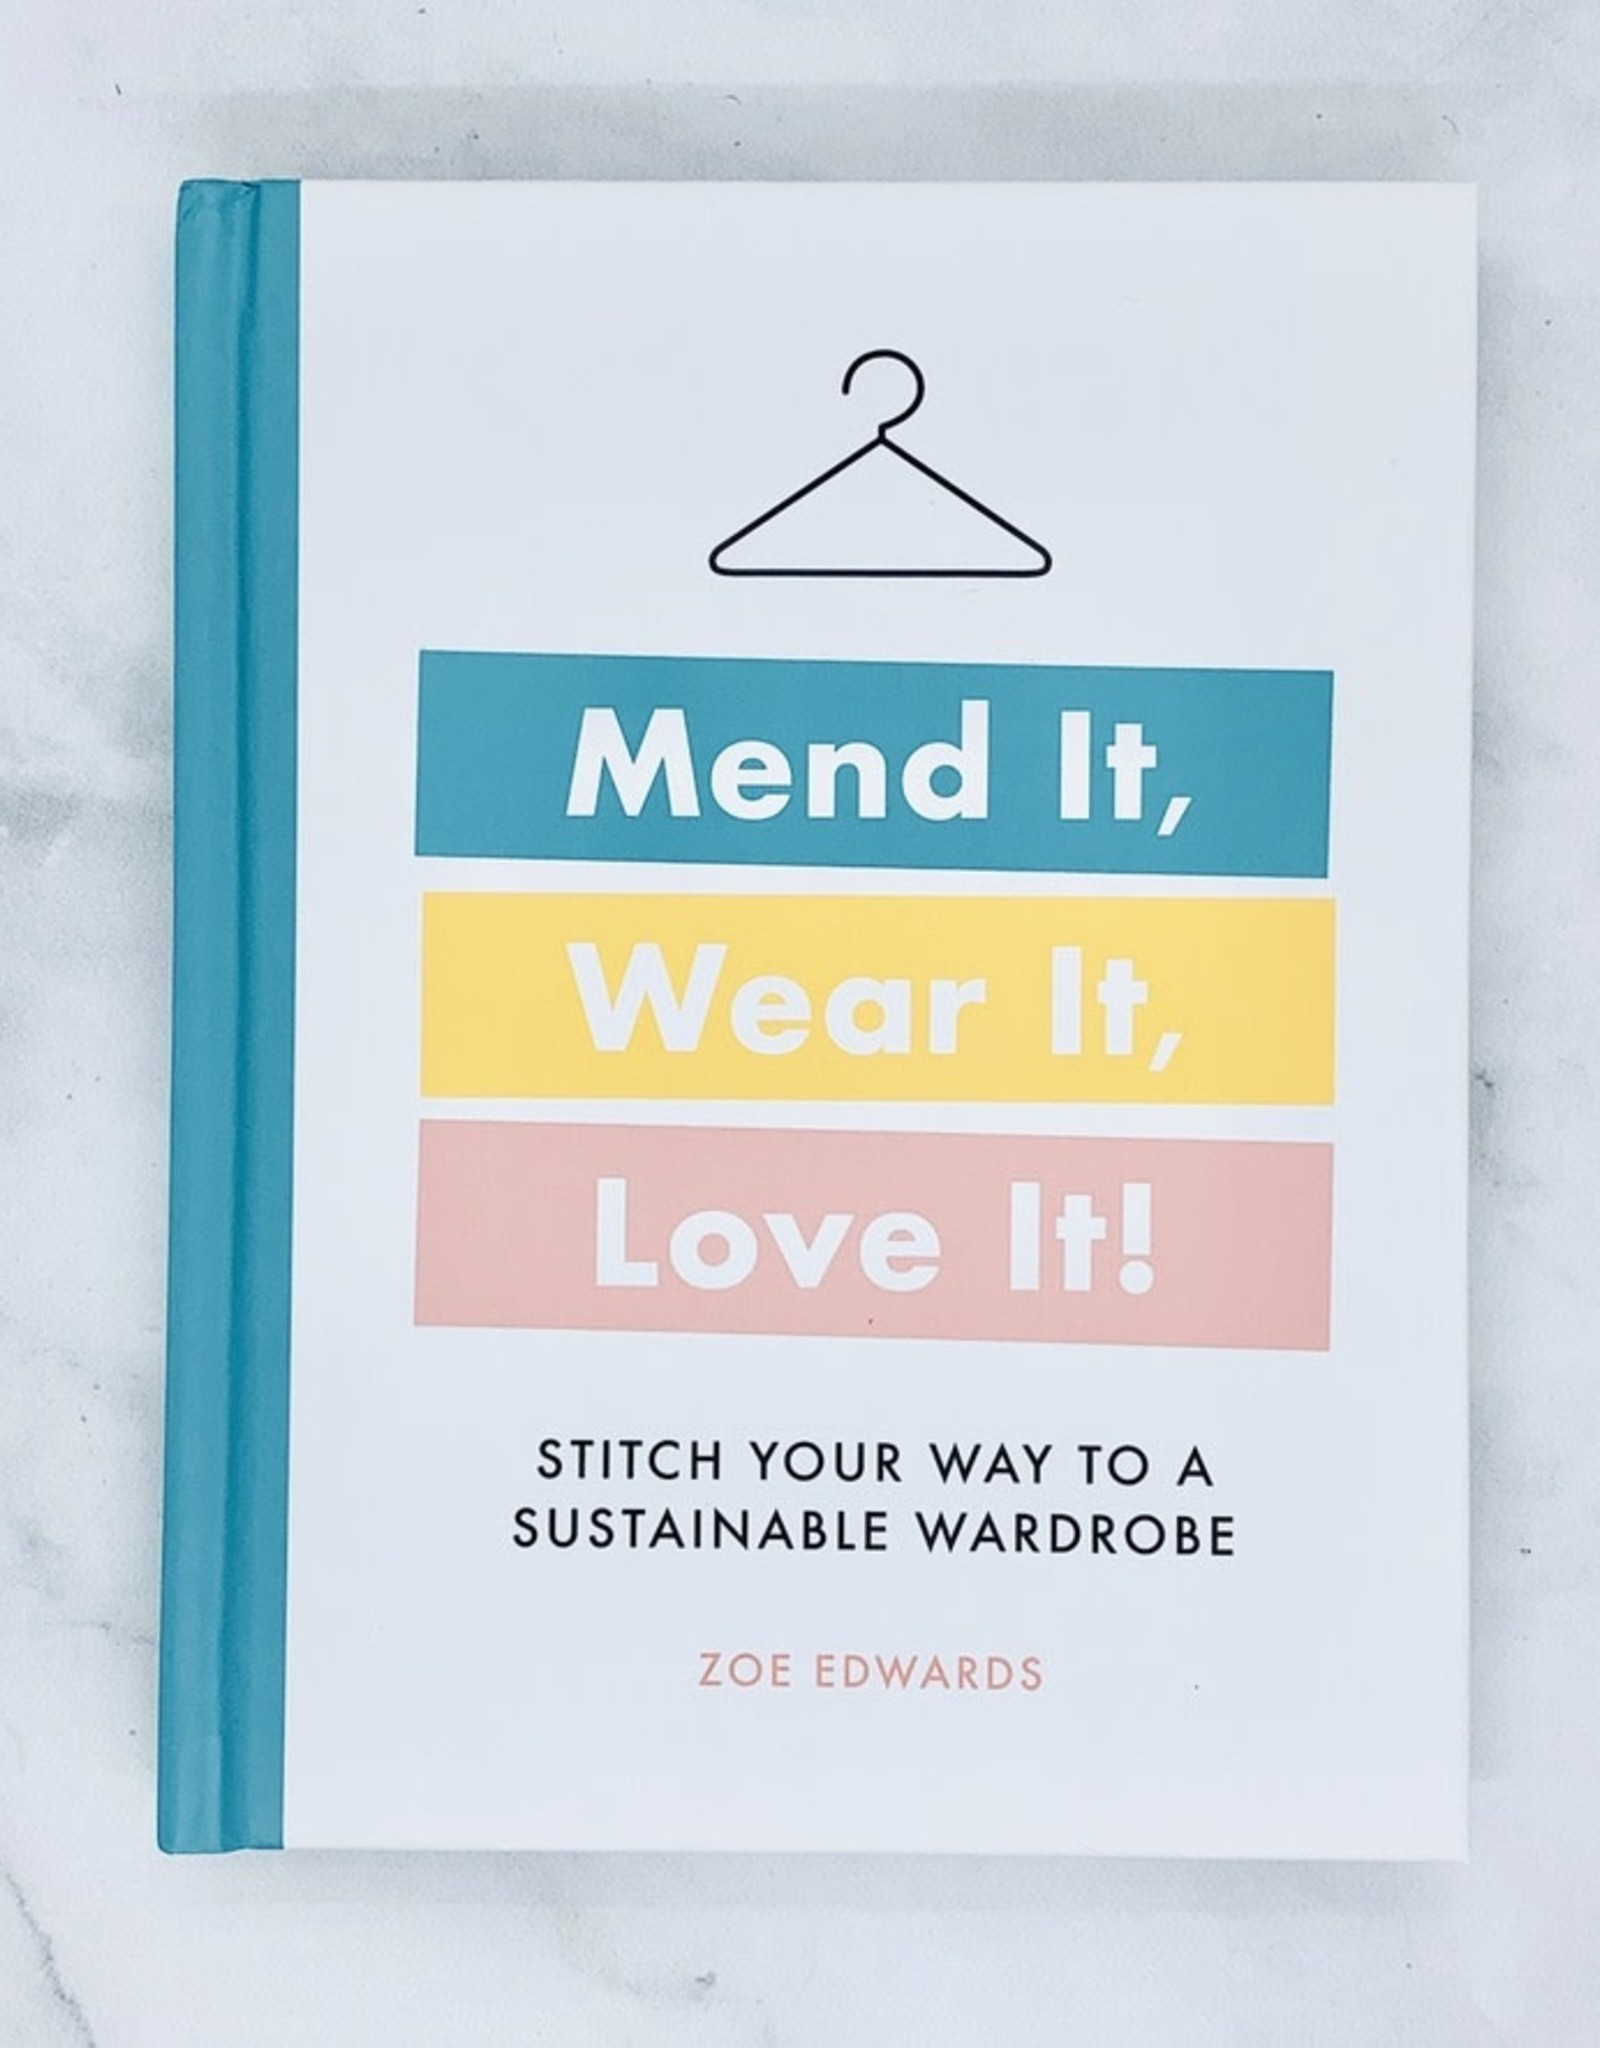 Mend It, Wear It, Love It